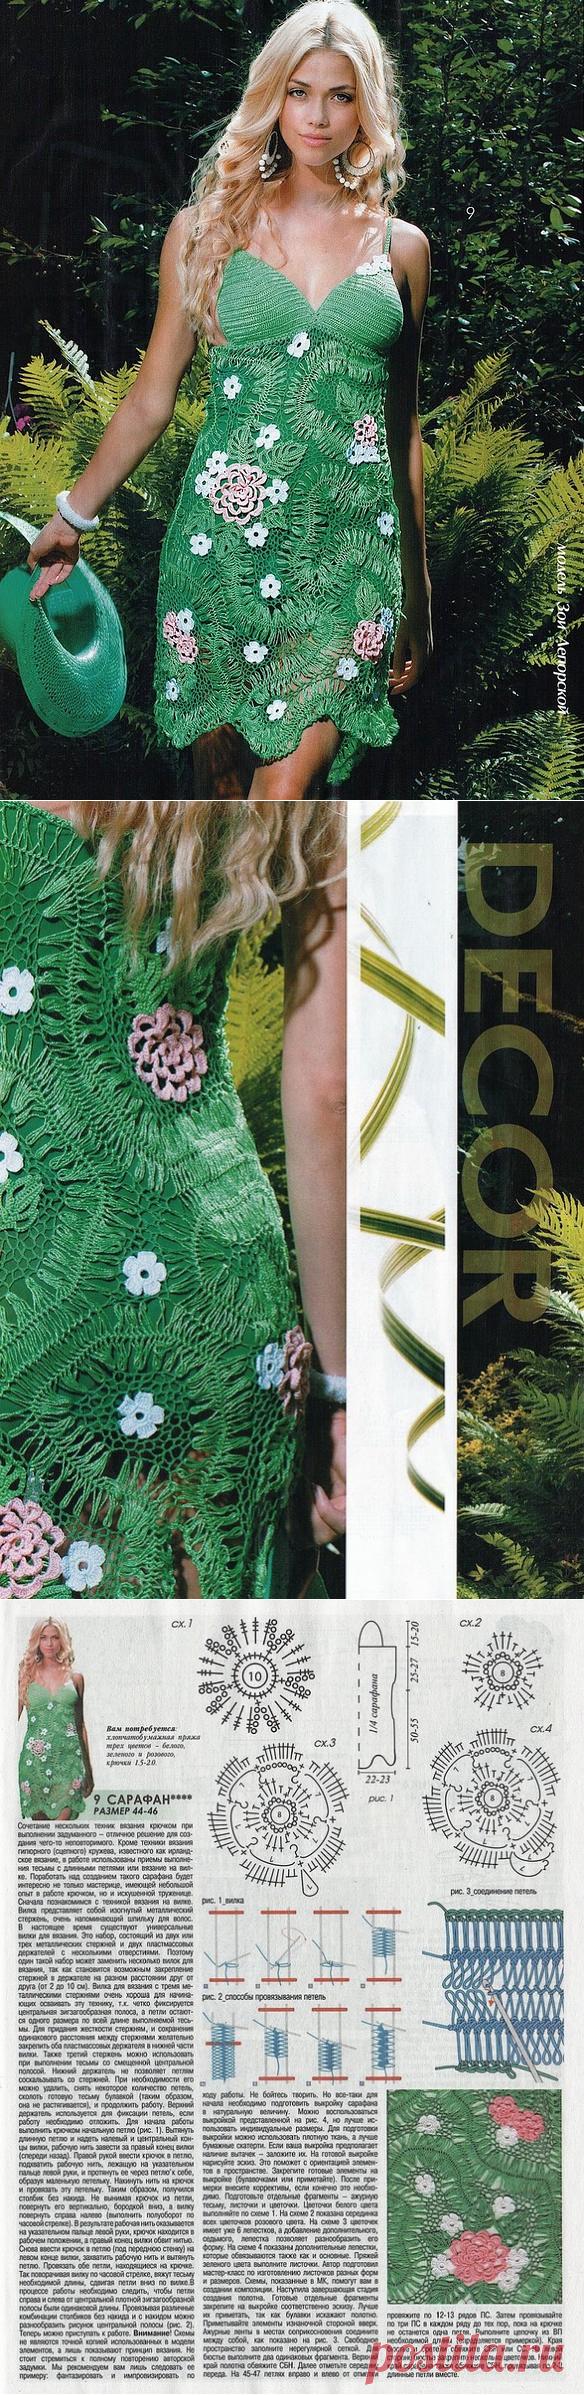 crochelinhasagulhas: Vestido verde em crochê de grampo